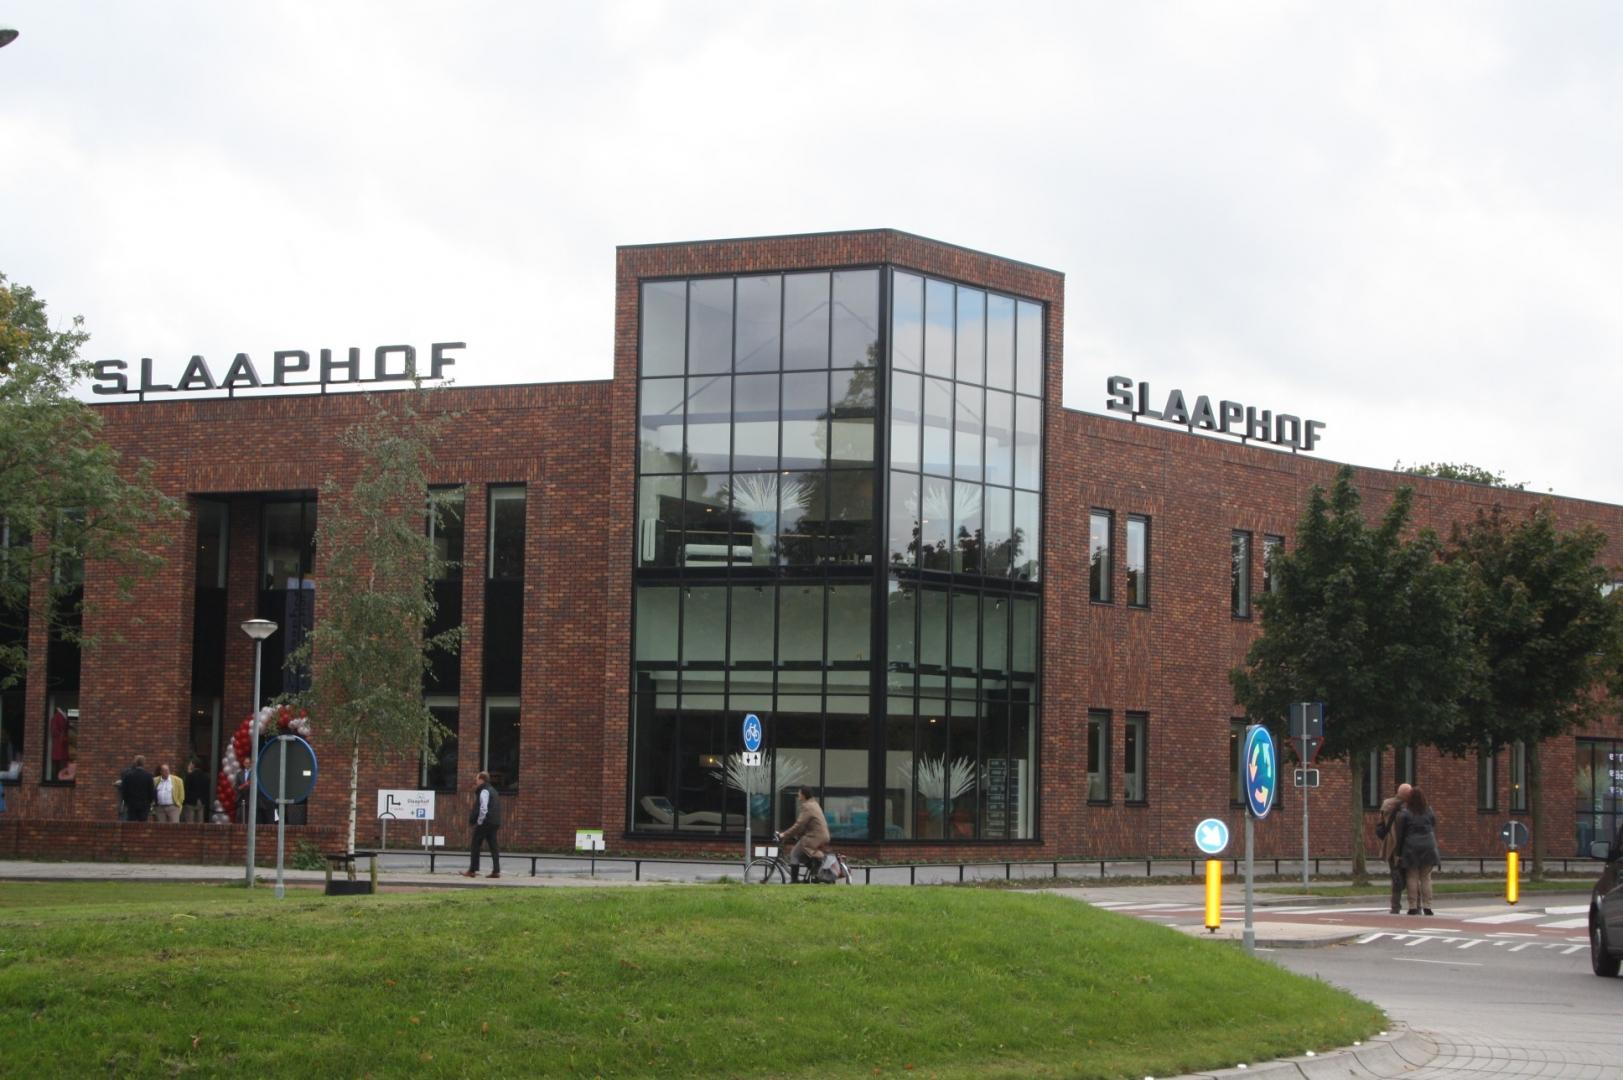 Sleeplounge by Slaaphof Harderwijk